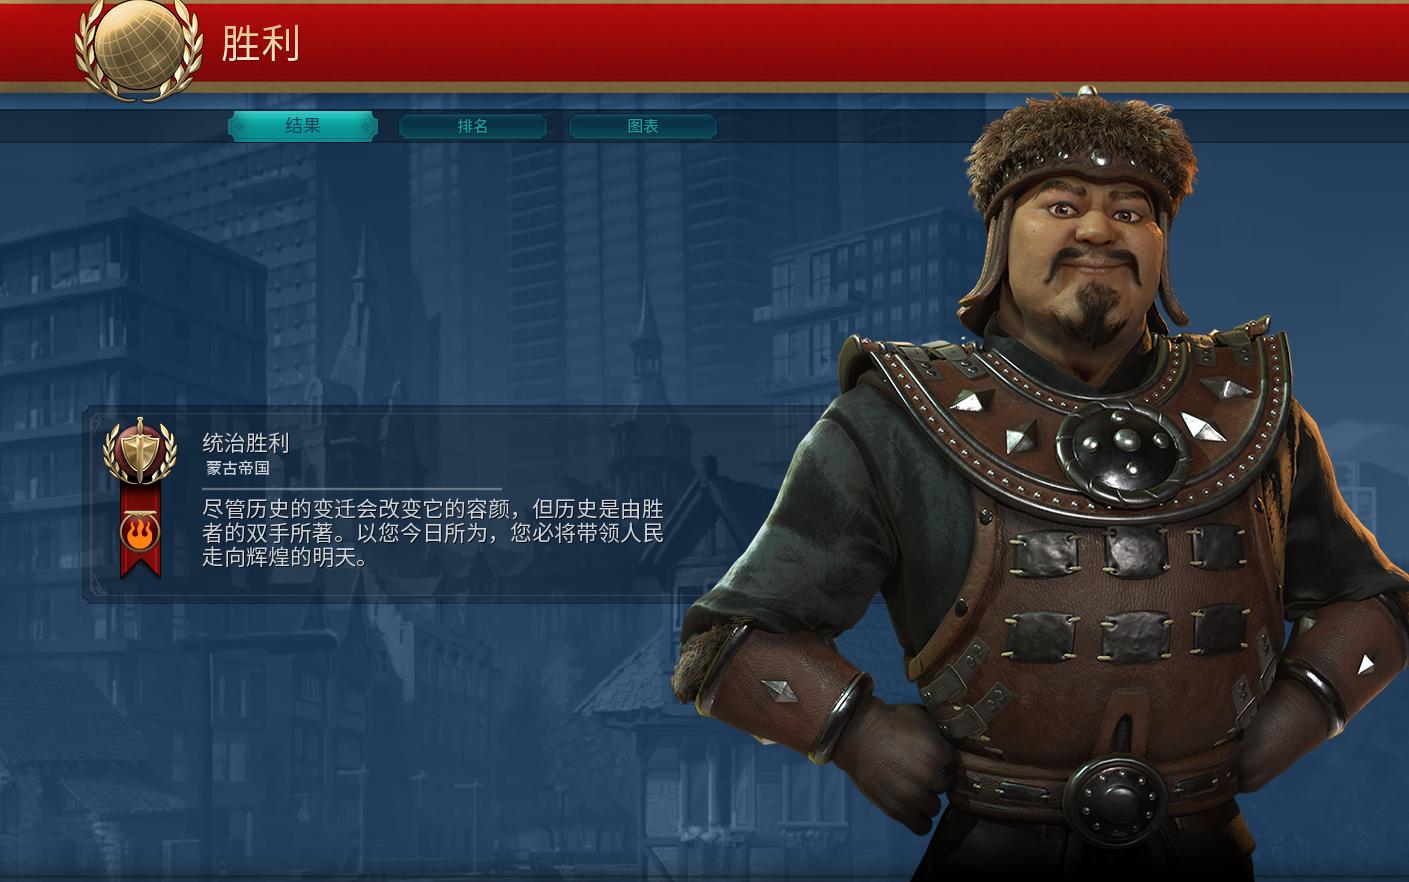 [杰哥解说]文明6风云蒙古157T征服